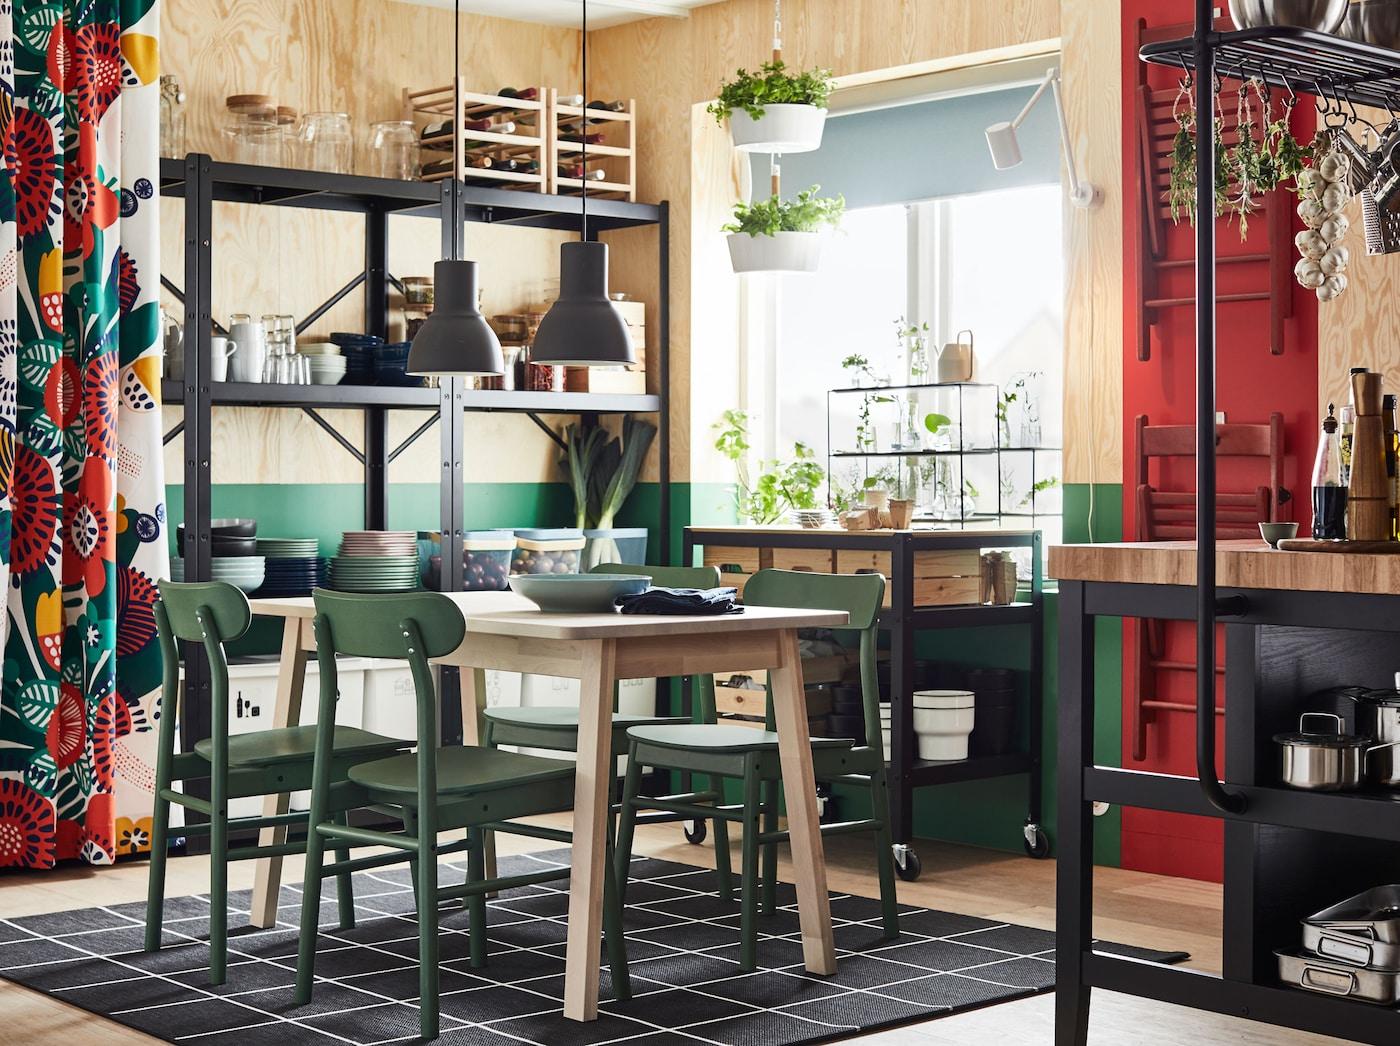 Esszimmer mit gemusterten Vorhängen, Holztisch, grünen Stühlen & hellbraunen Wänden.